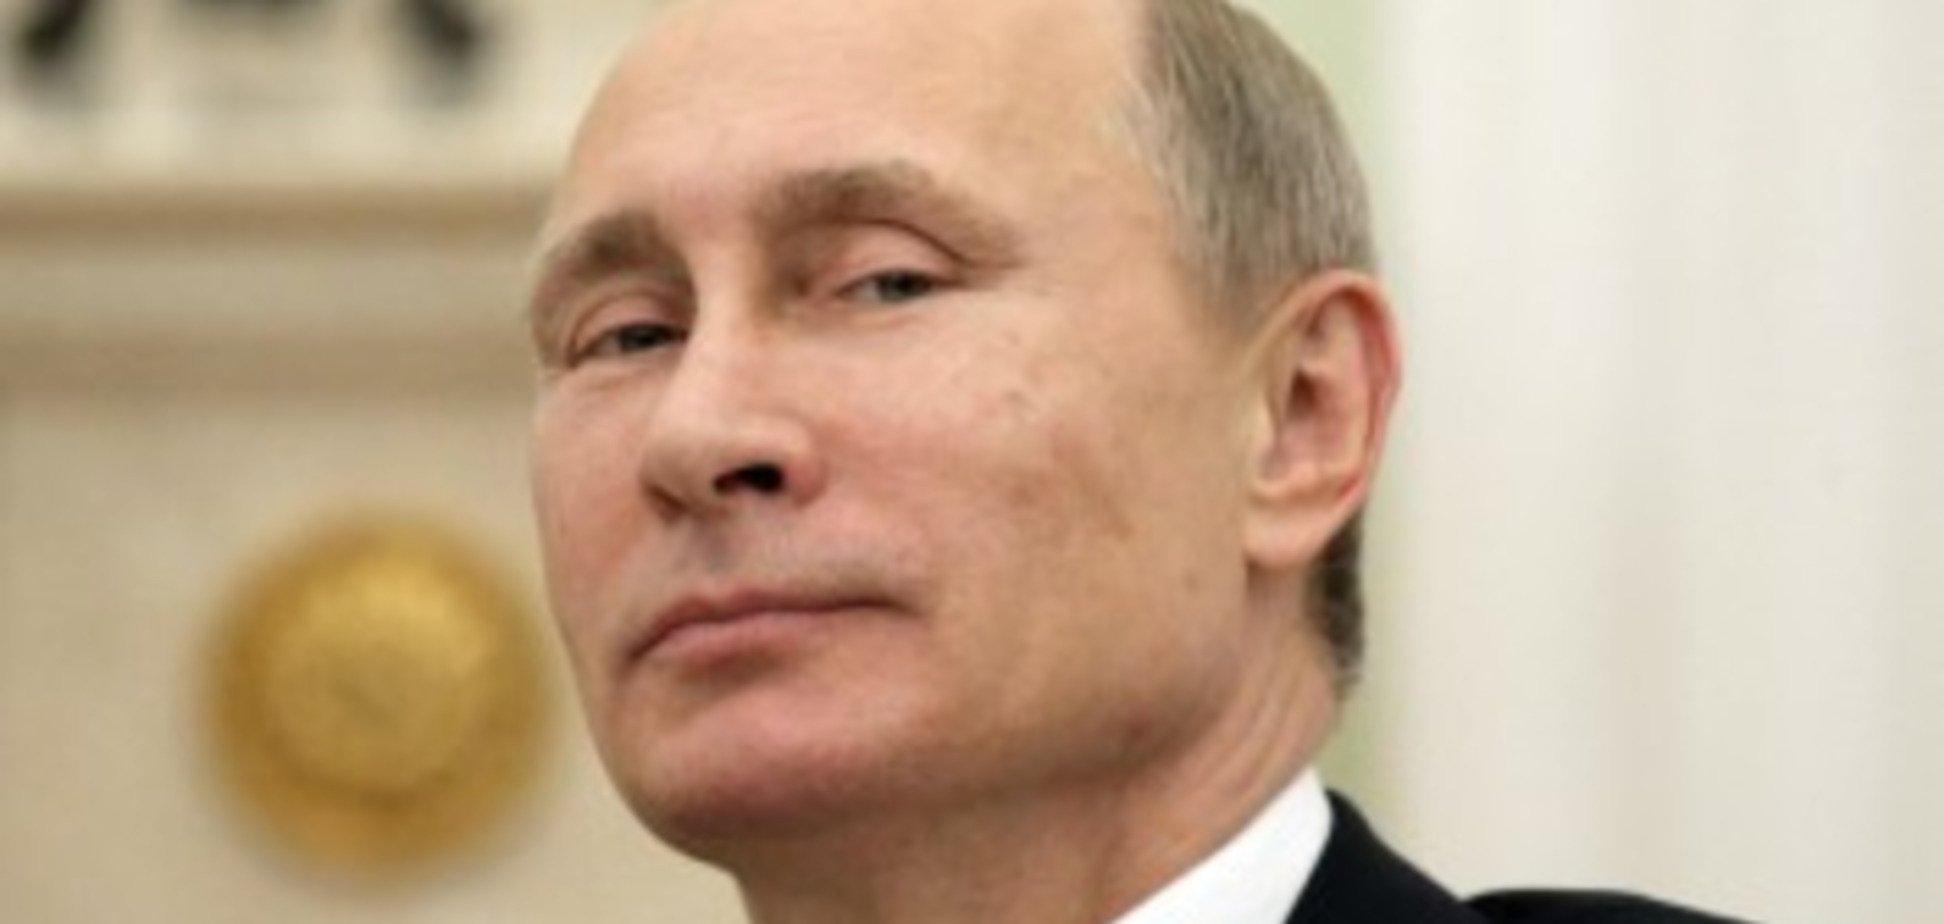 Улюблені граблі: росіяни заявили, що вибрали б 'незамінного' Путіна знову